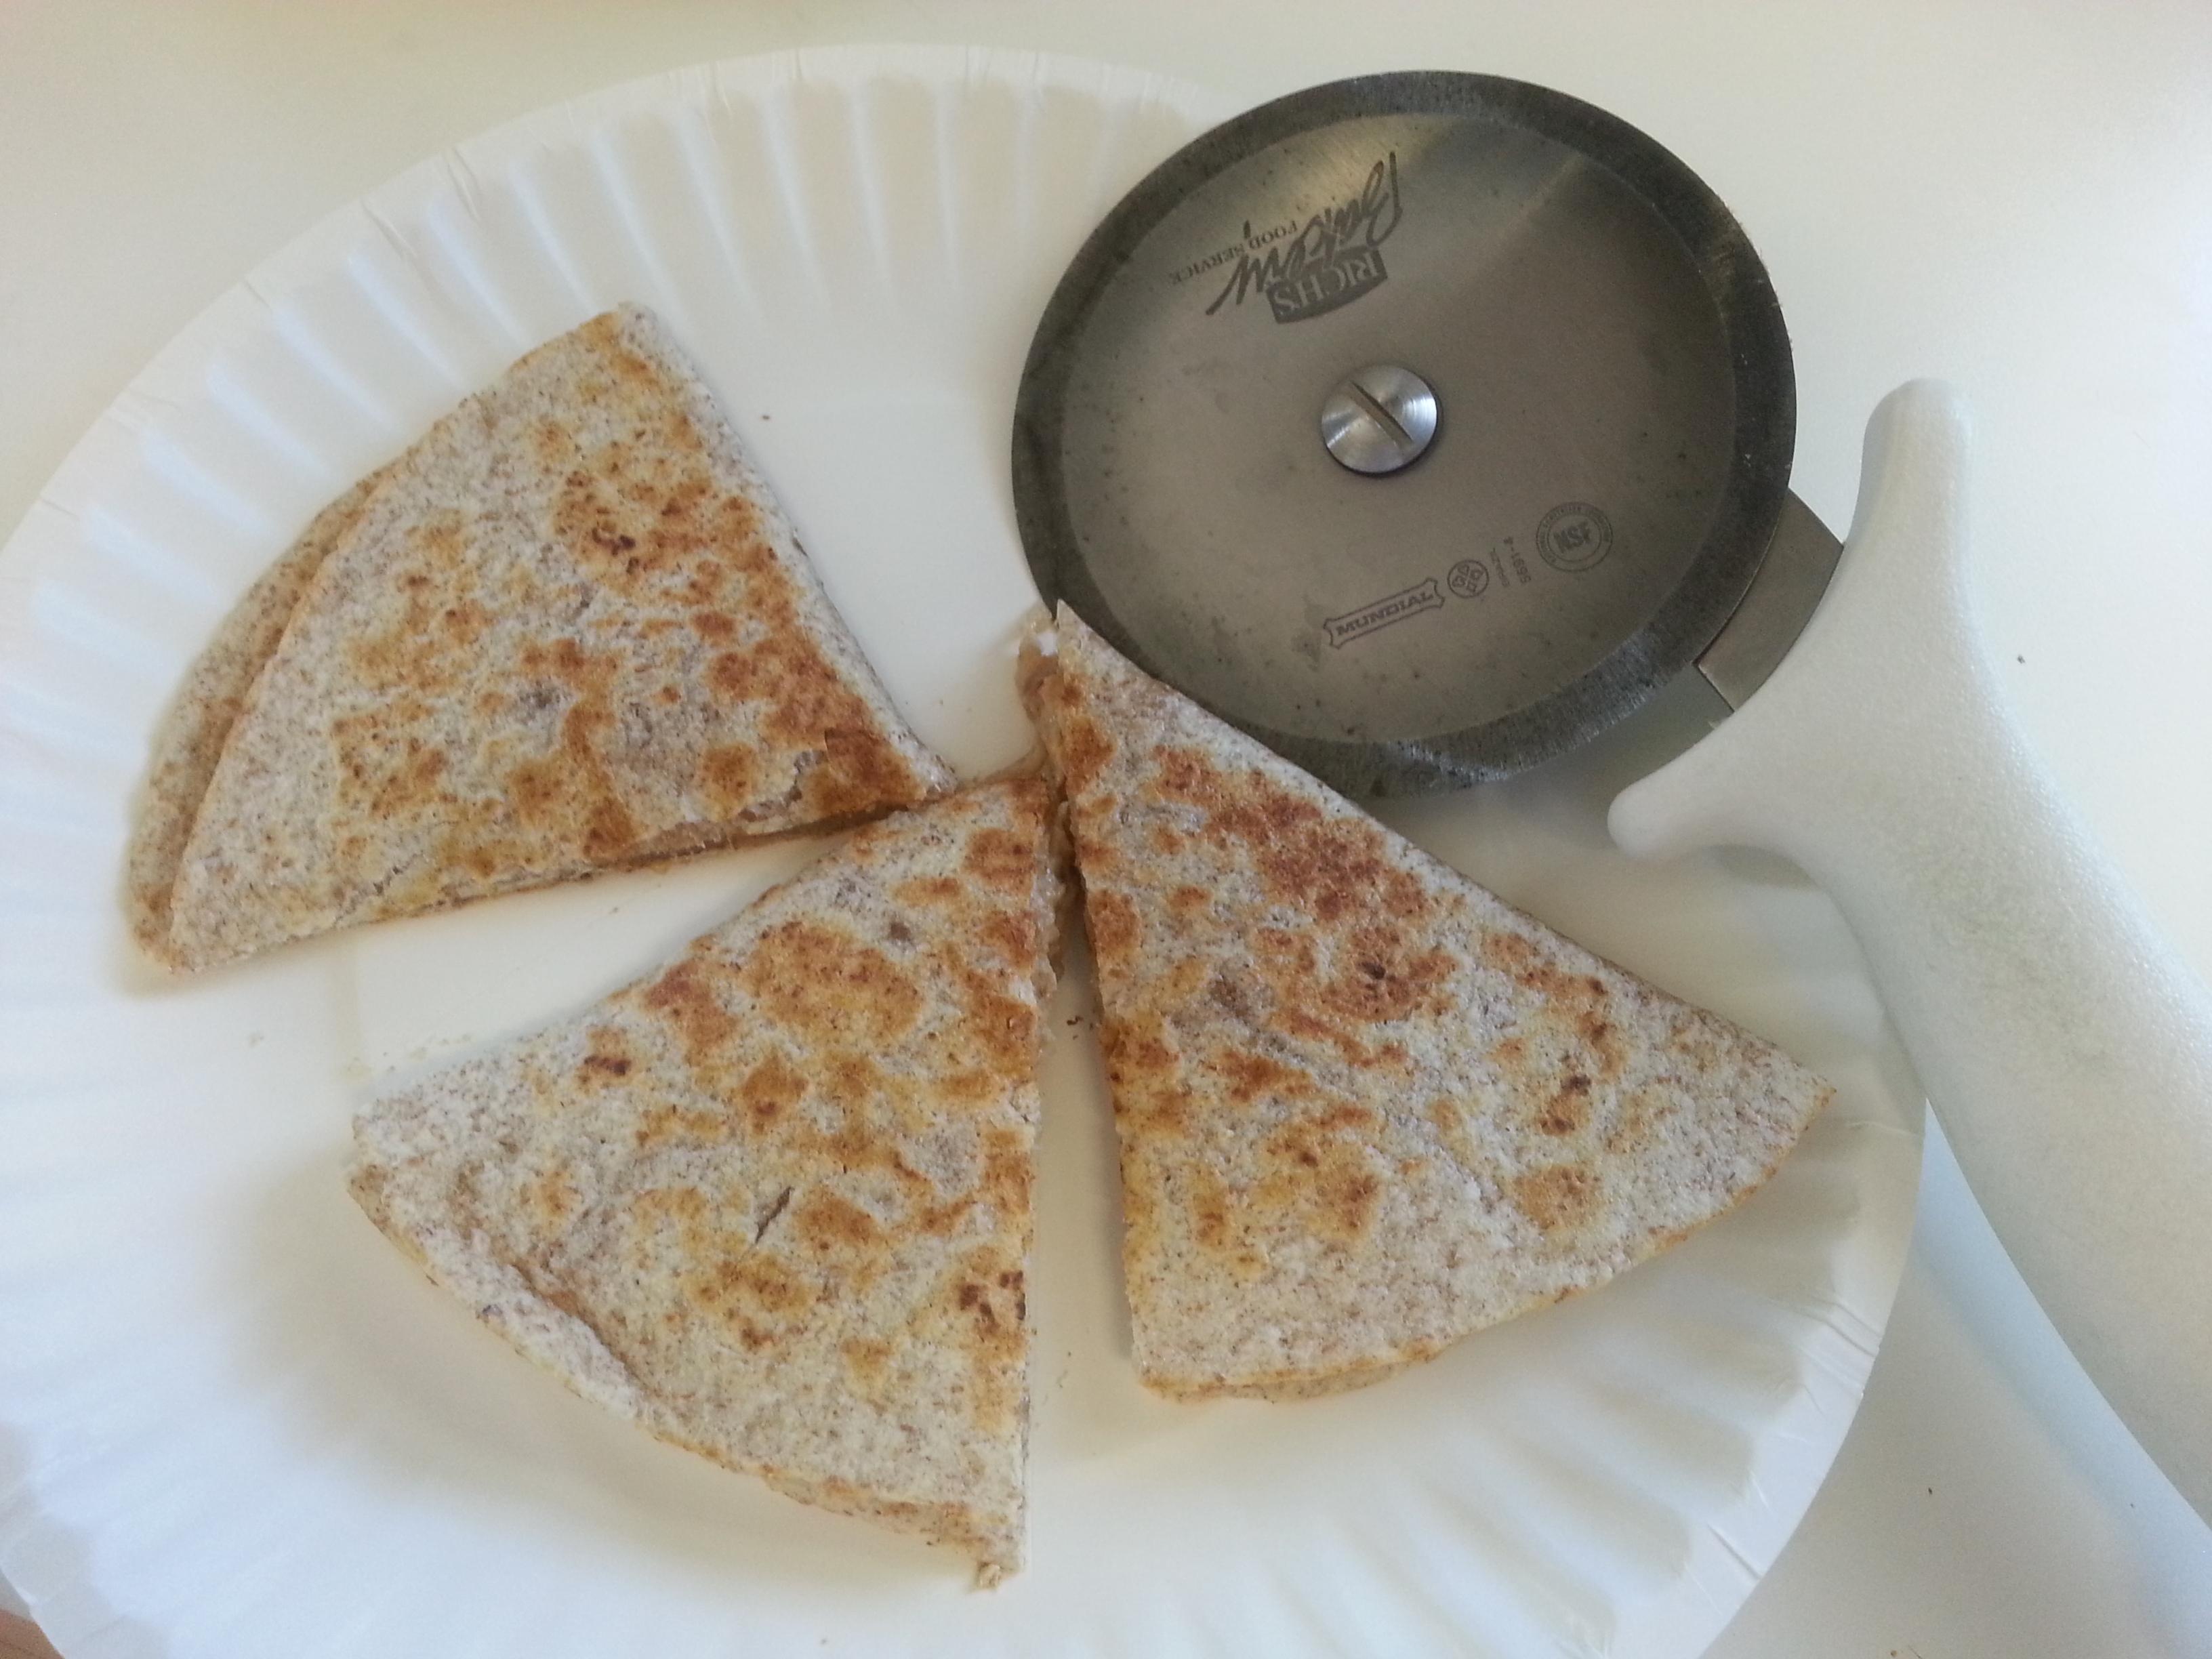 how to cut a quesadilla